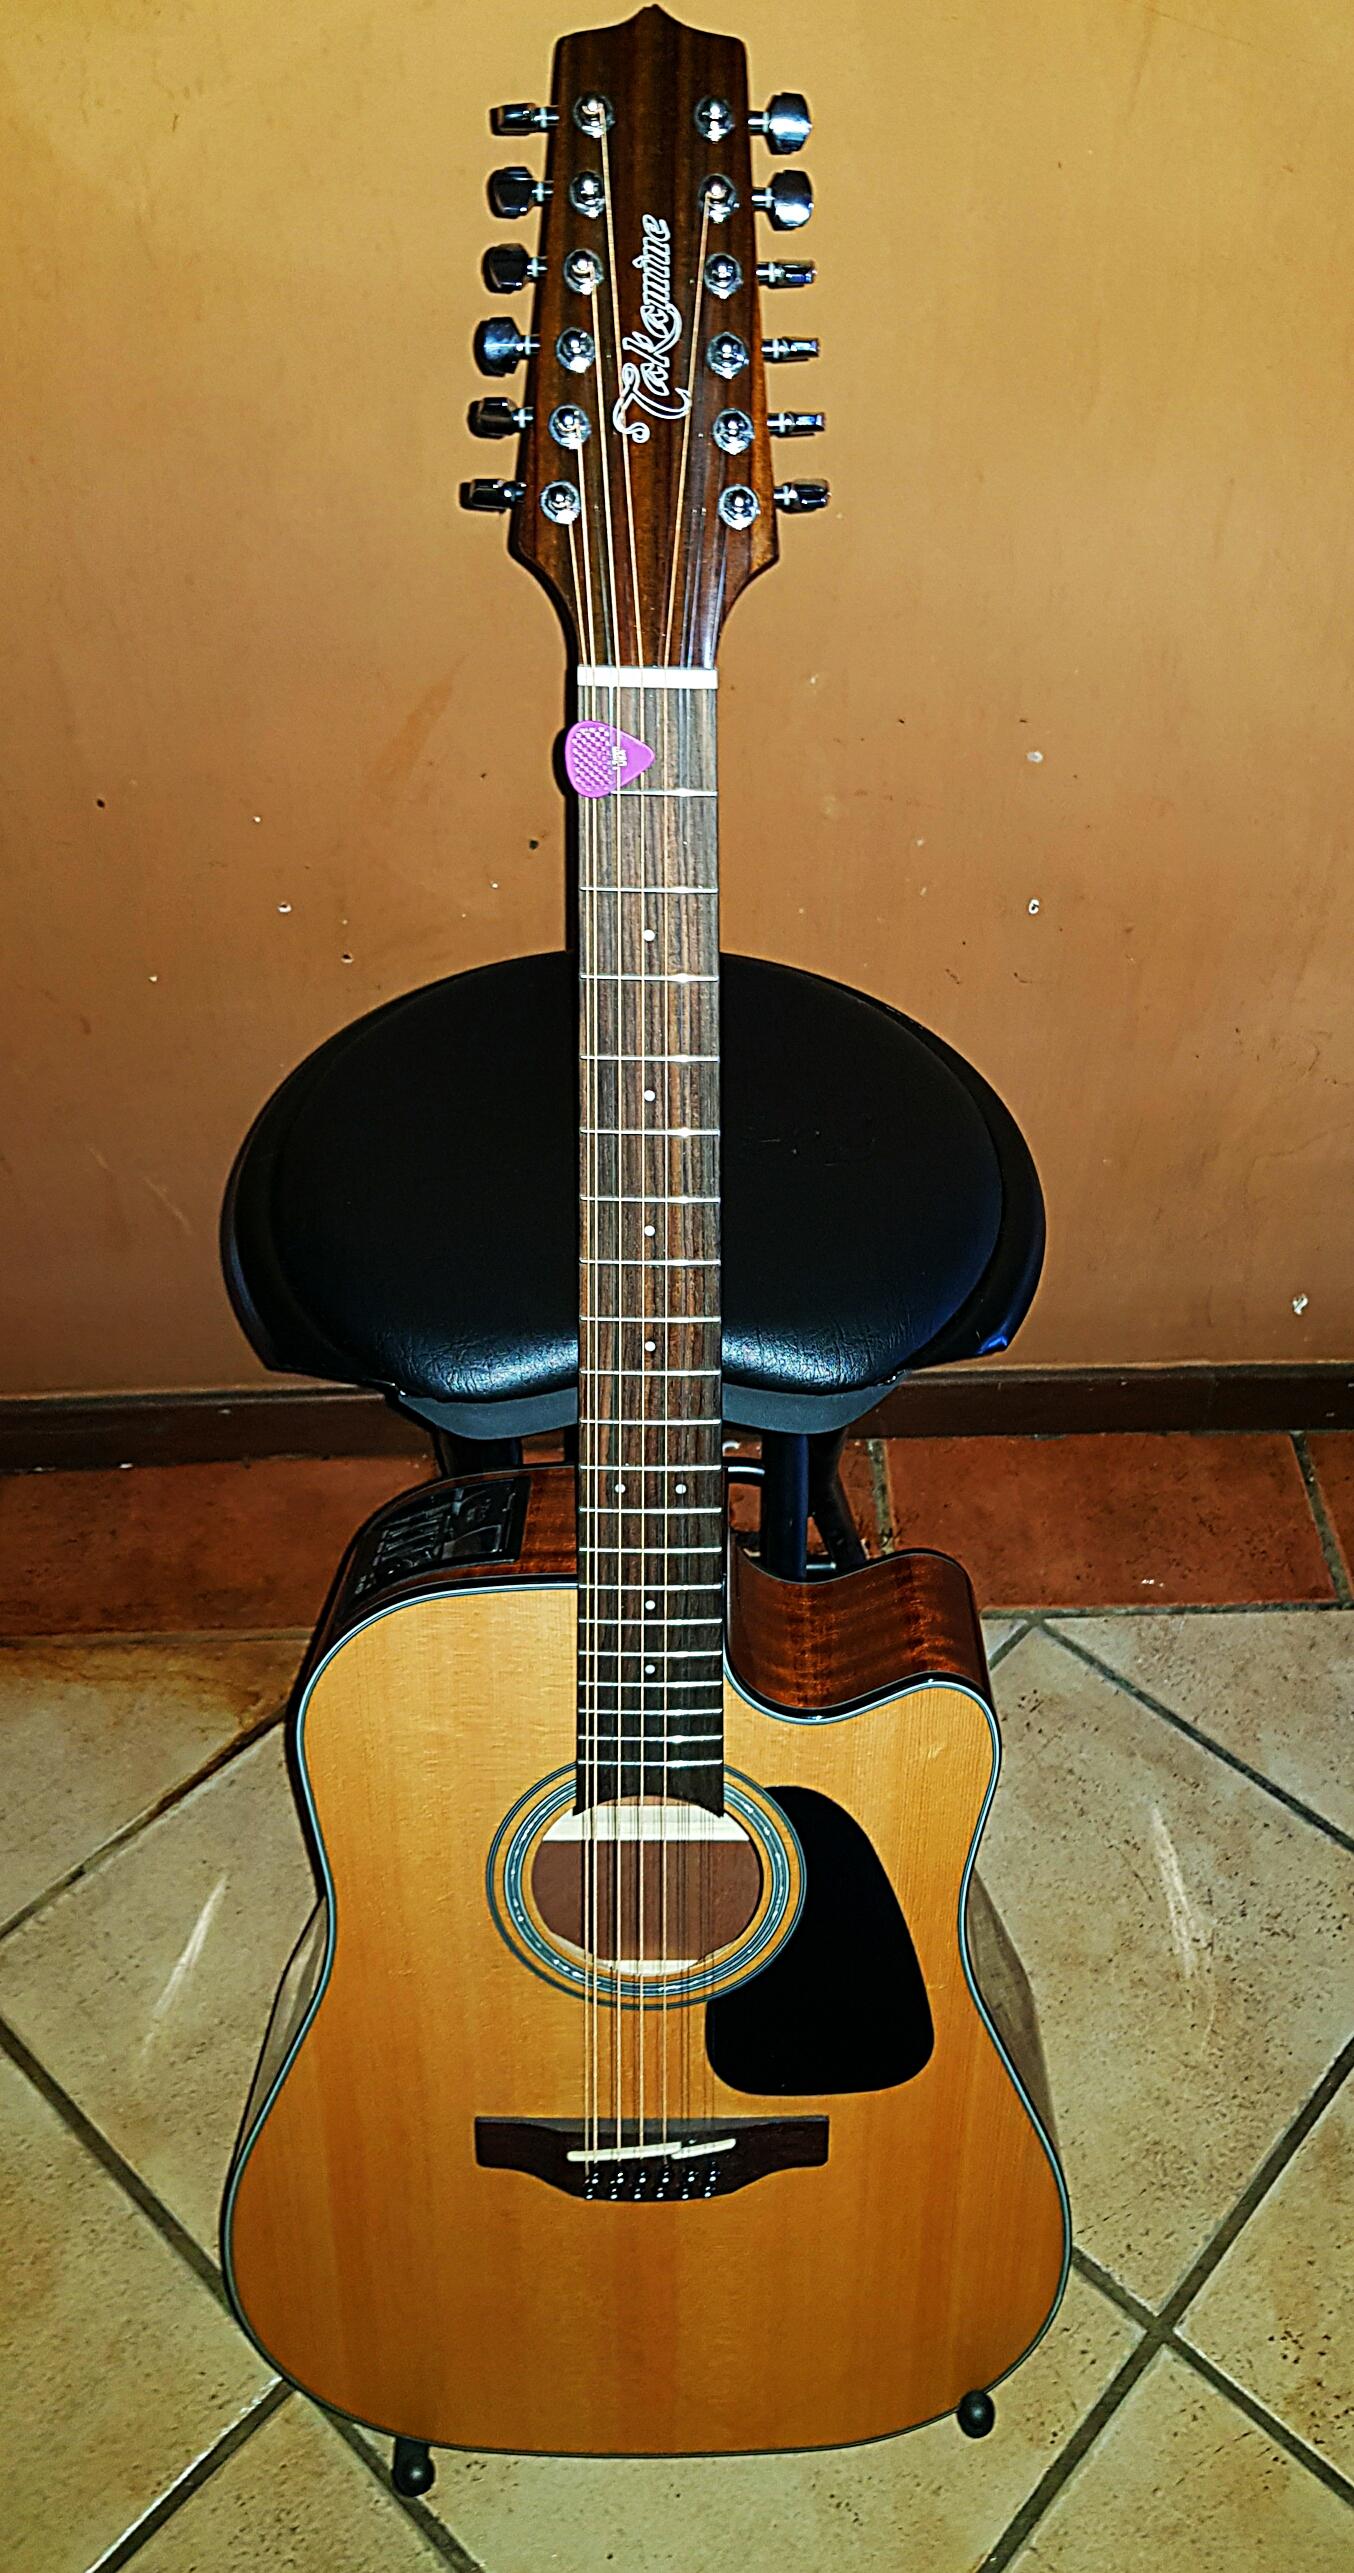 takamine 12 string guitar gd 30ce 12 junk mail. Black Bedroom Furniture Sets. Home Design Ideas